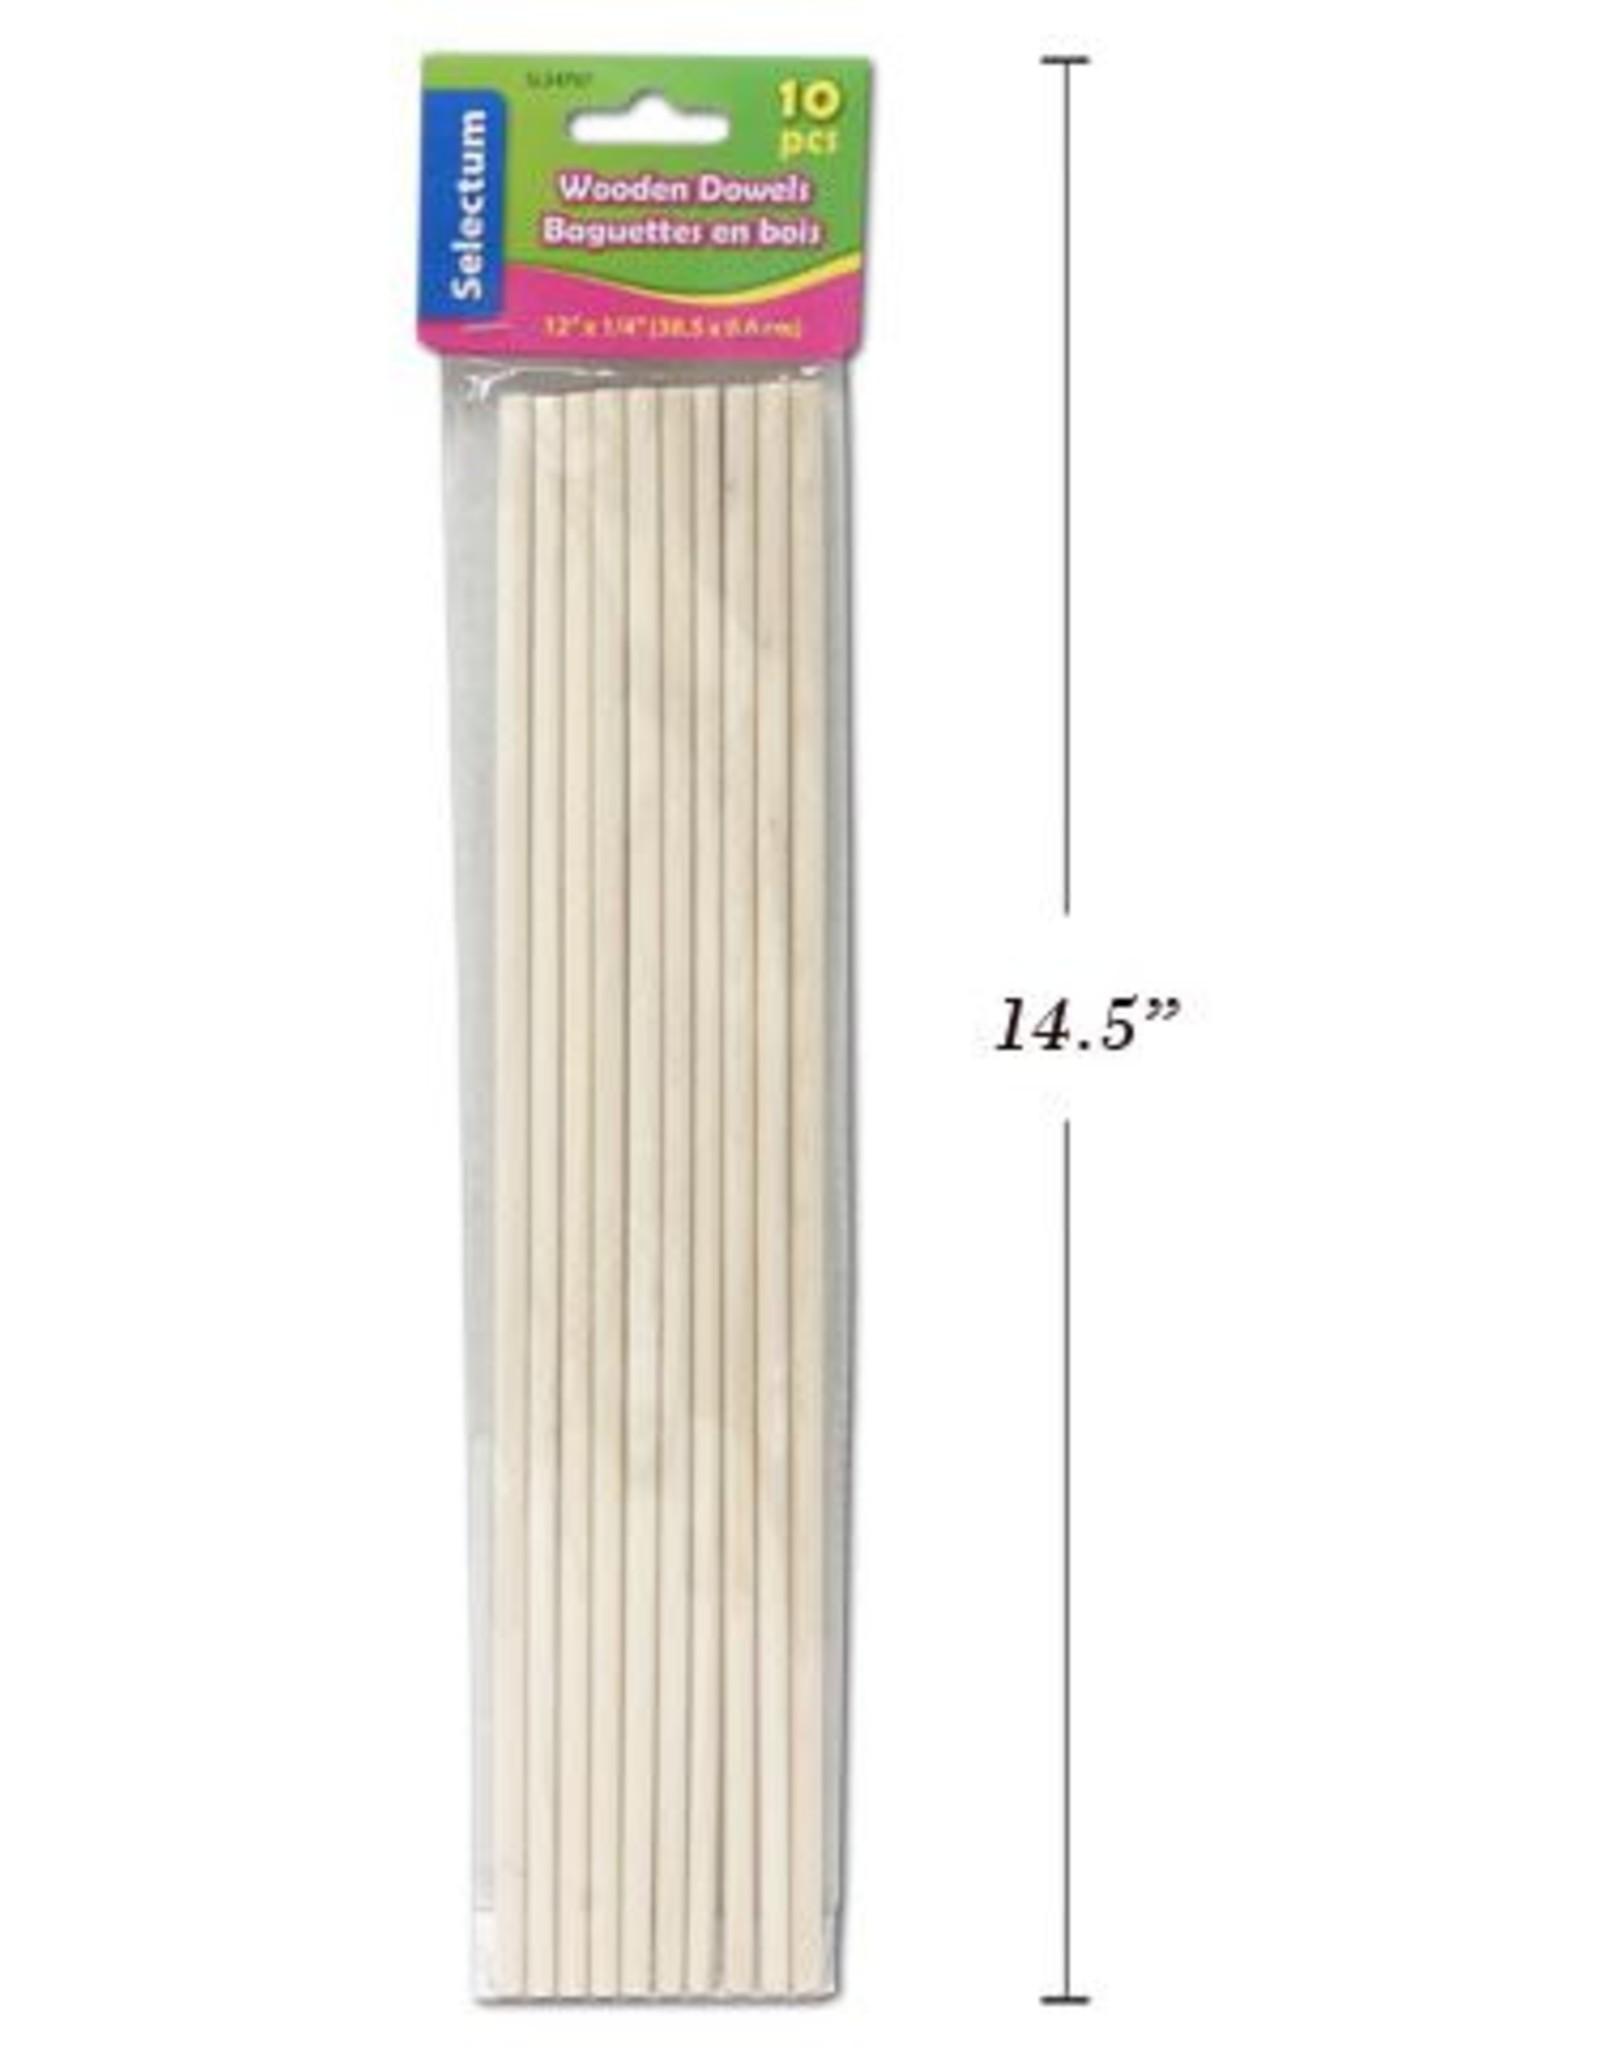 """10 Pc Wooden Dowels 12"""" x ¼"""" (30.5 cm x 0.6 cm)"""